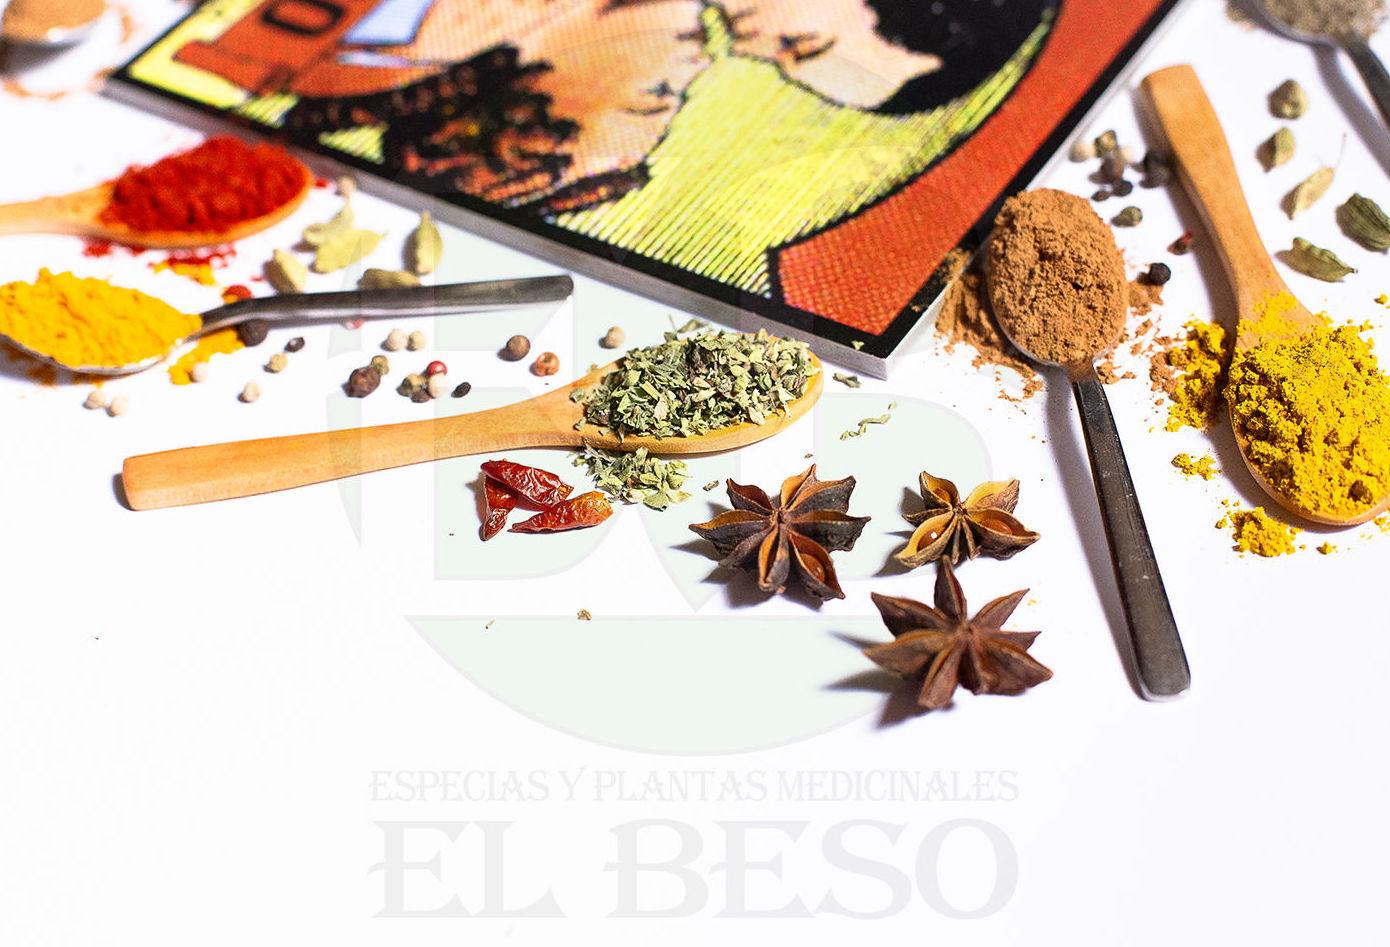 El Beso Especias Valencia